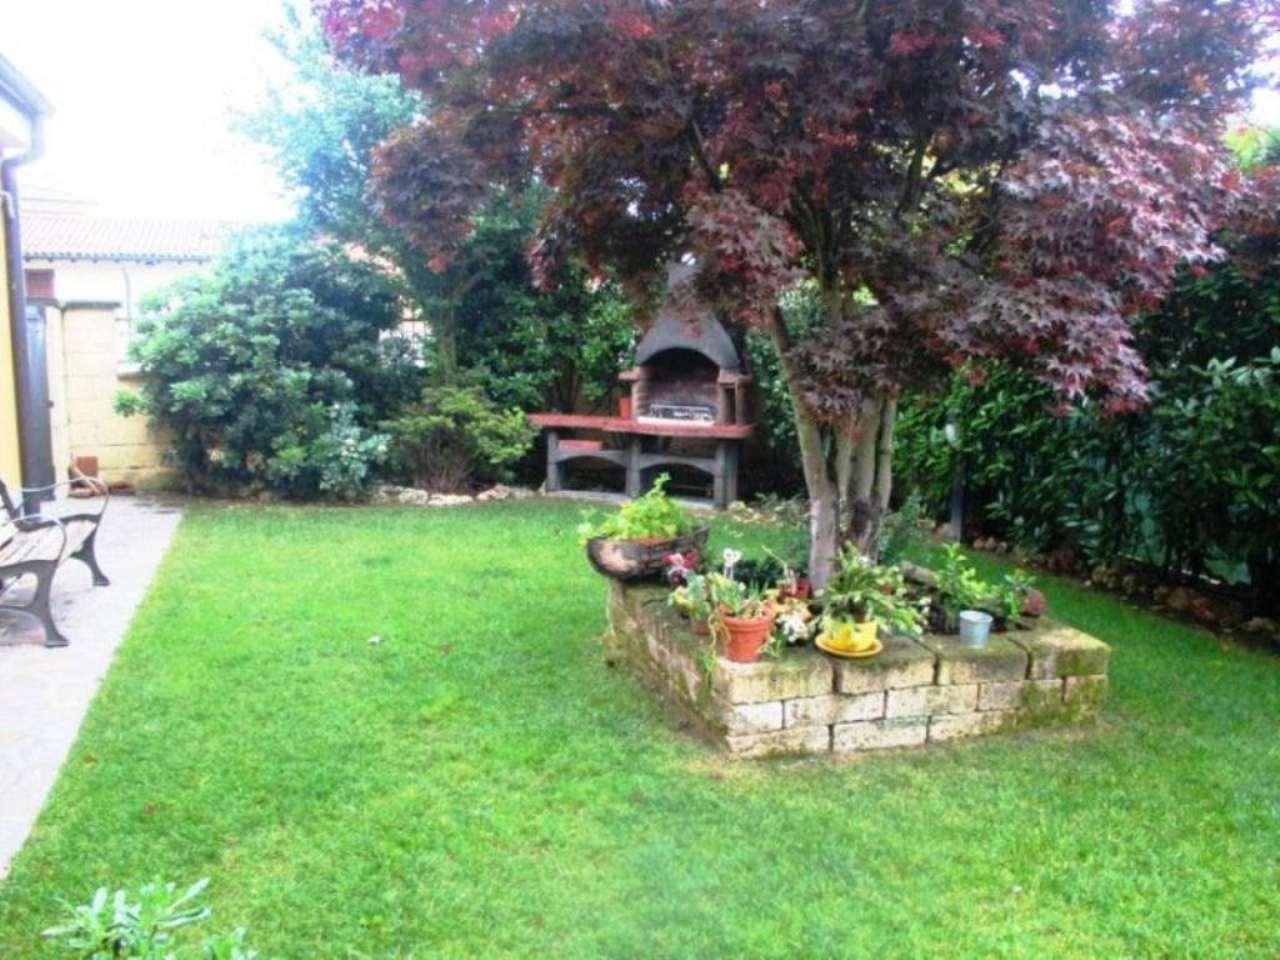 Villa in vendita a Marzano, 3 locali, prezzo € 220.000 | CambioCasa.it